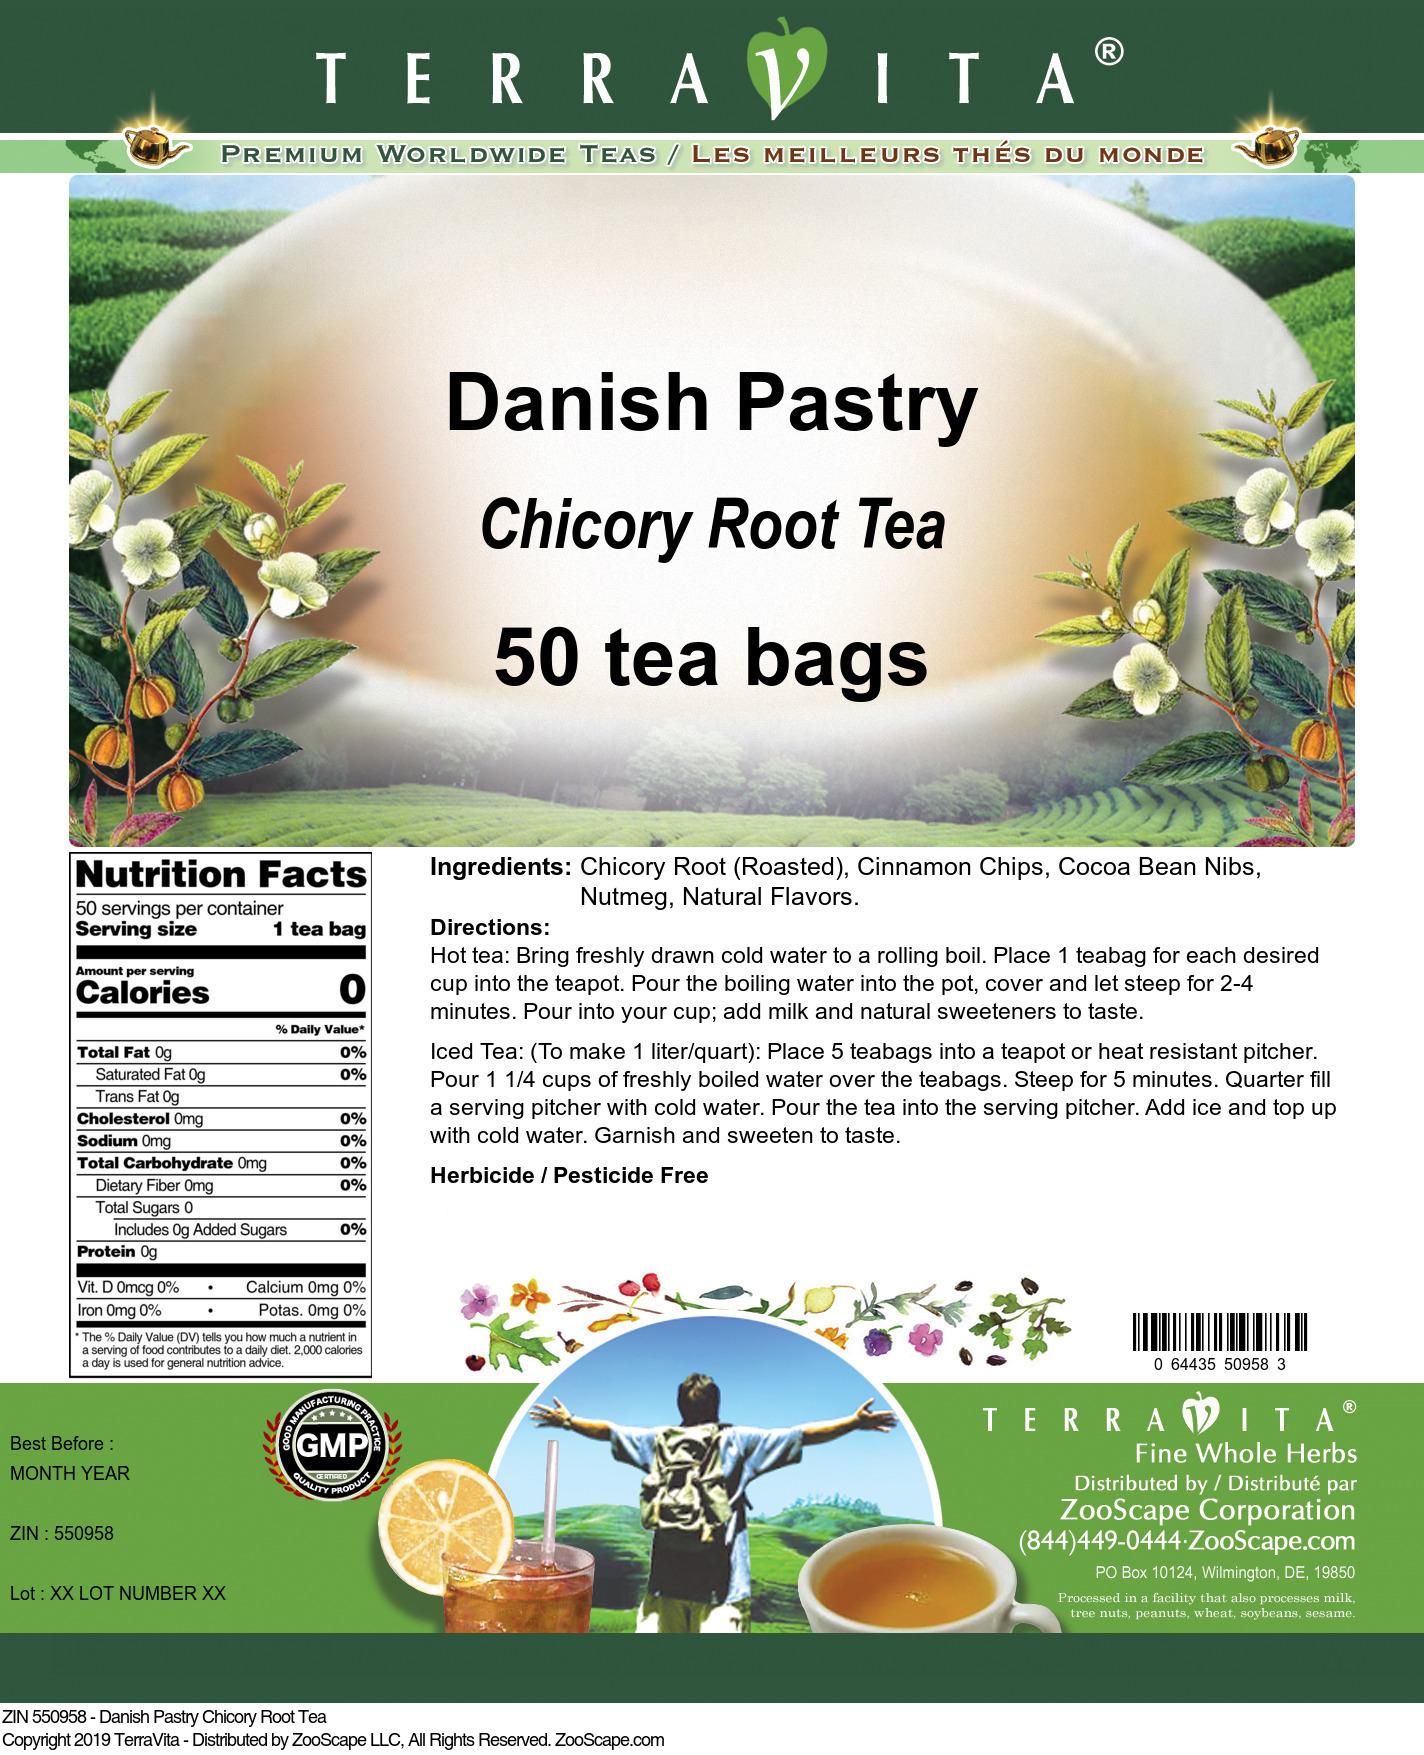 Danish Pastry Chicory Root